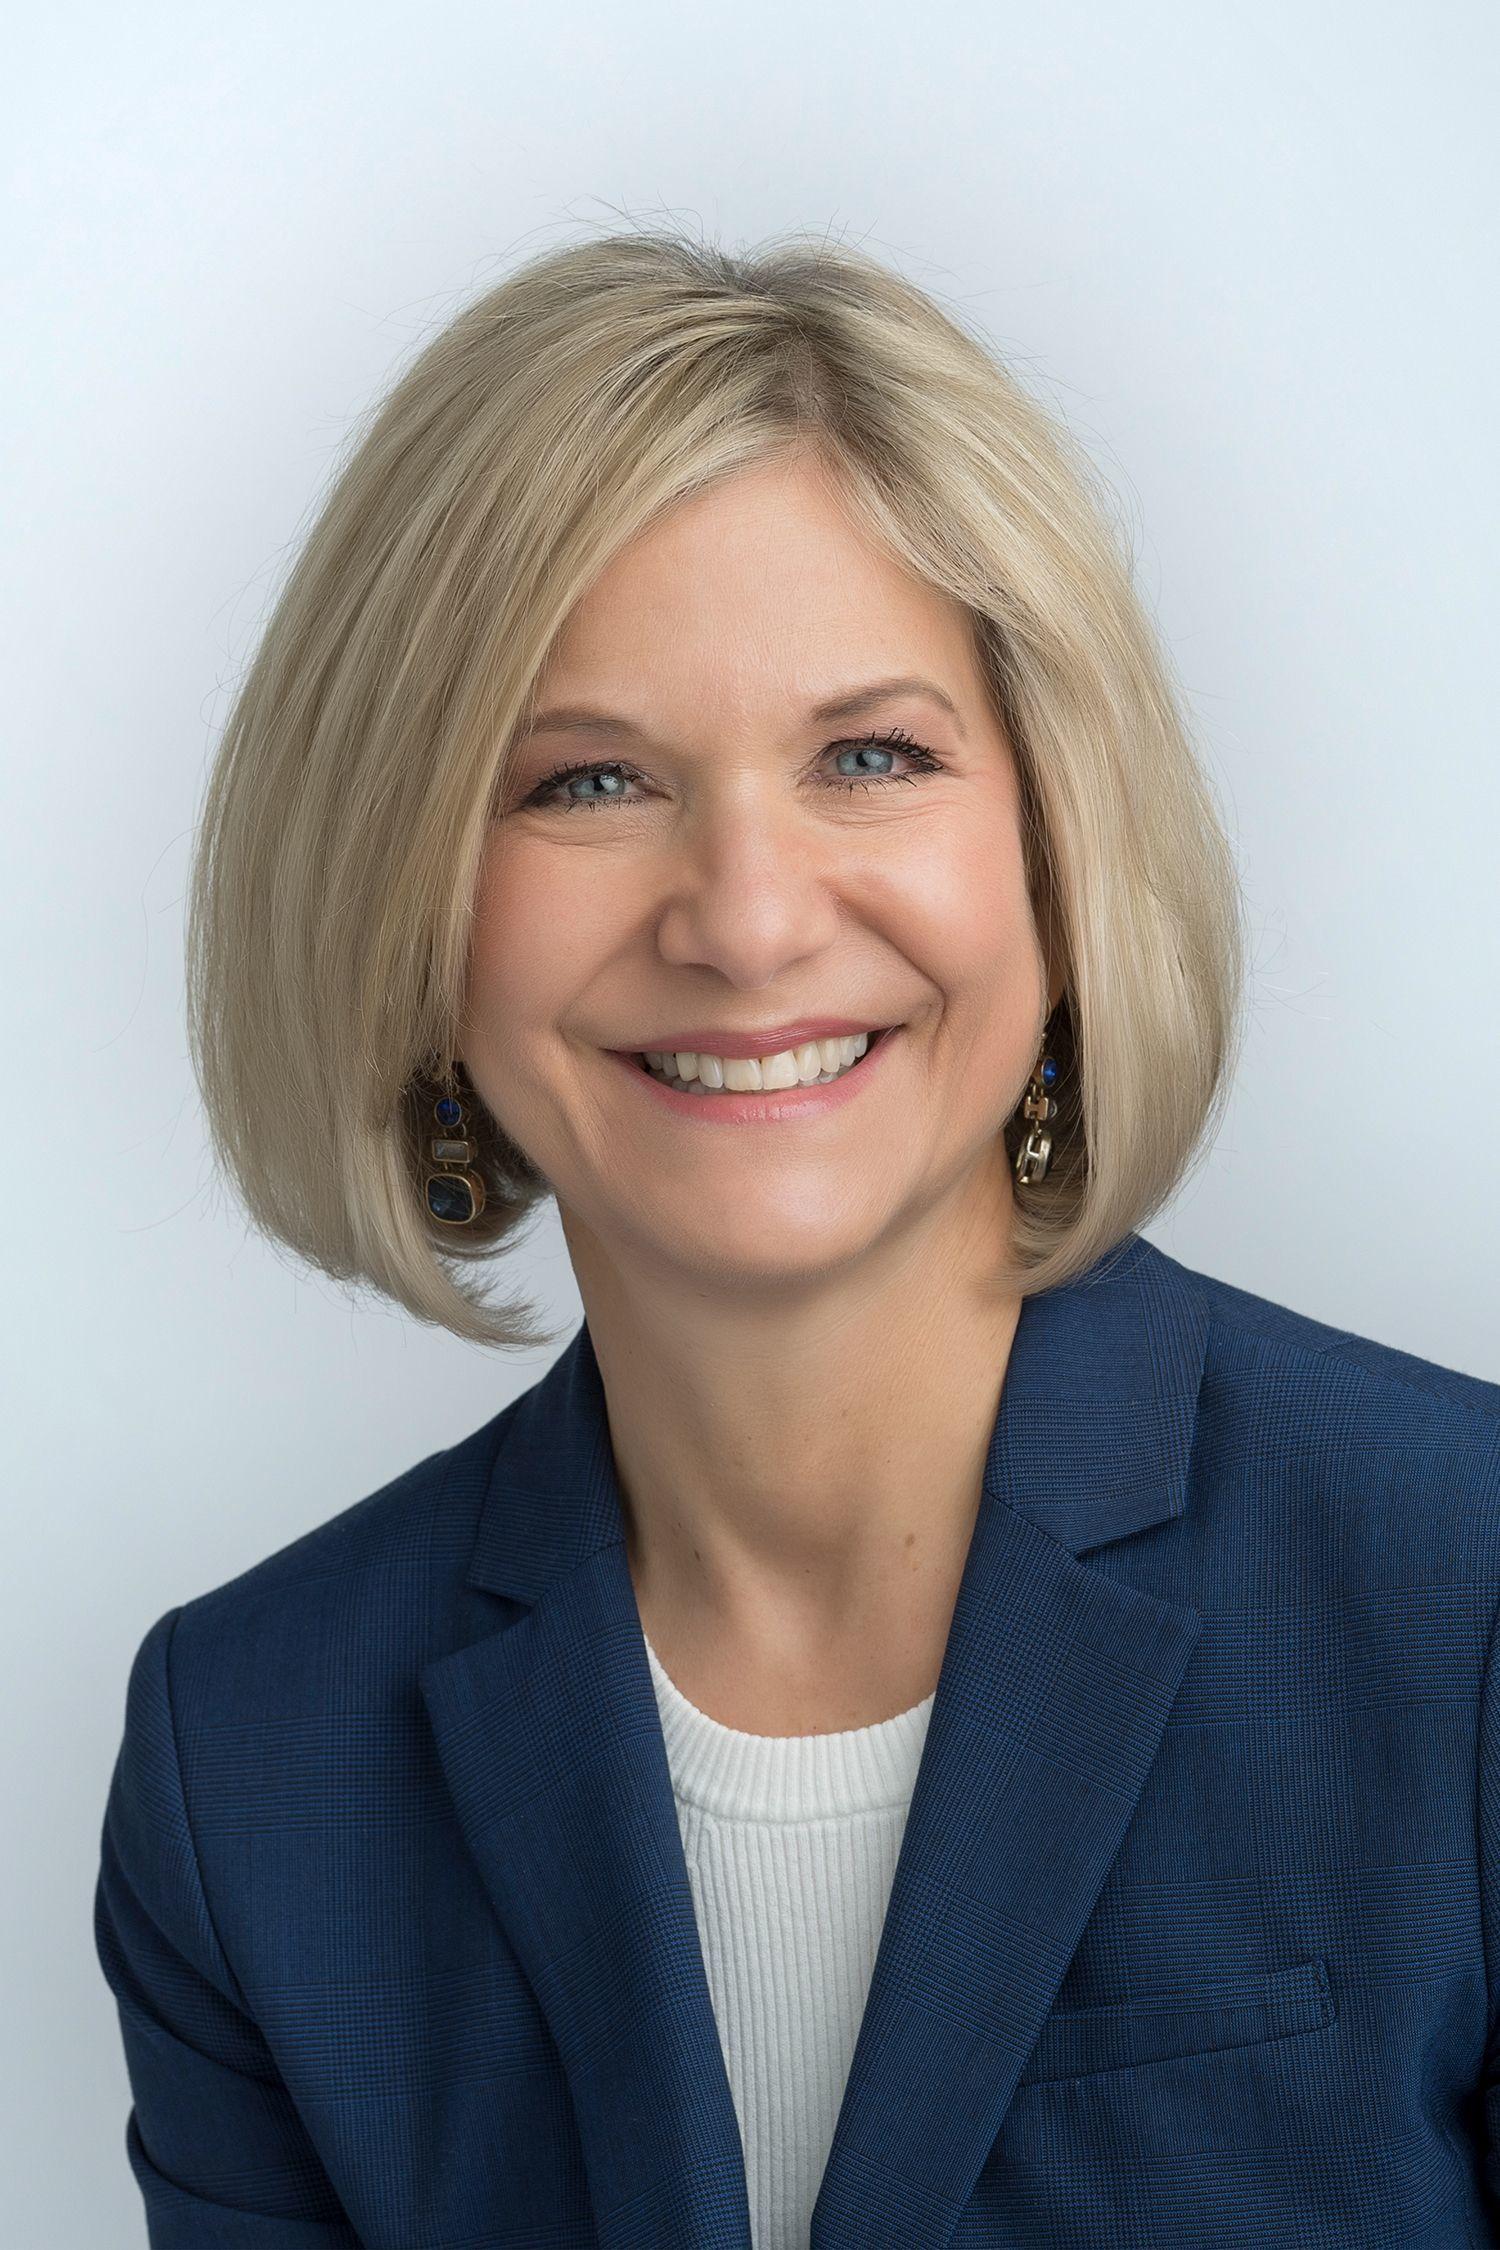 Tamara Wolfe